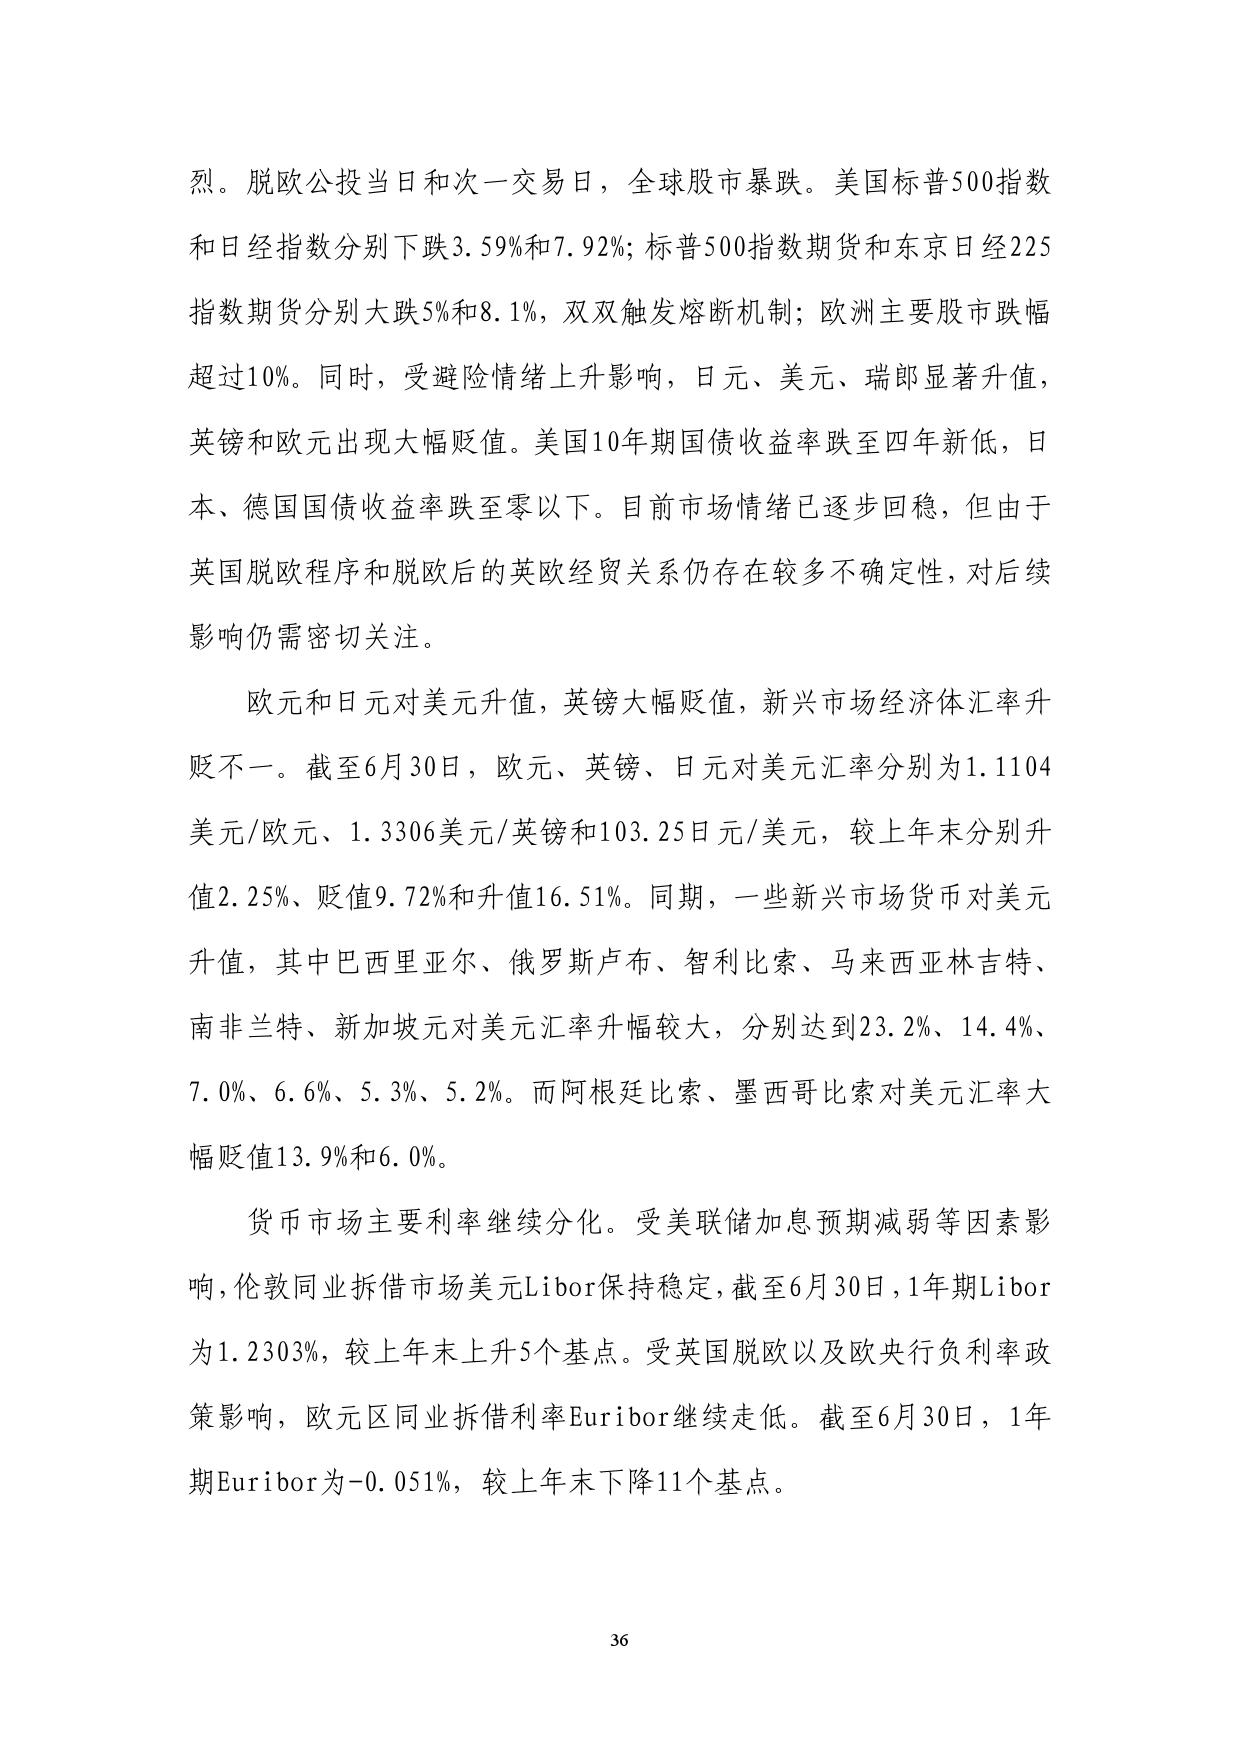 2016年Q2中国货币政策执行报告_000042